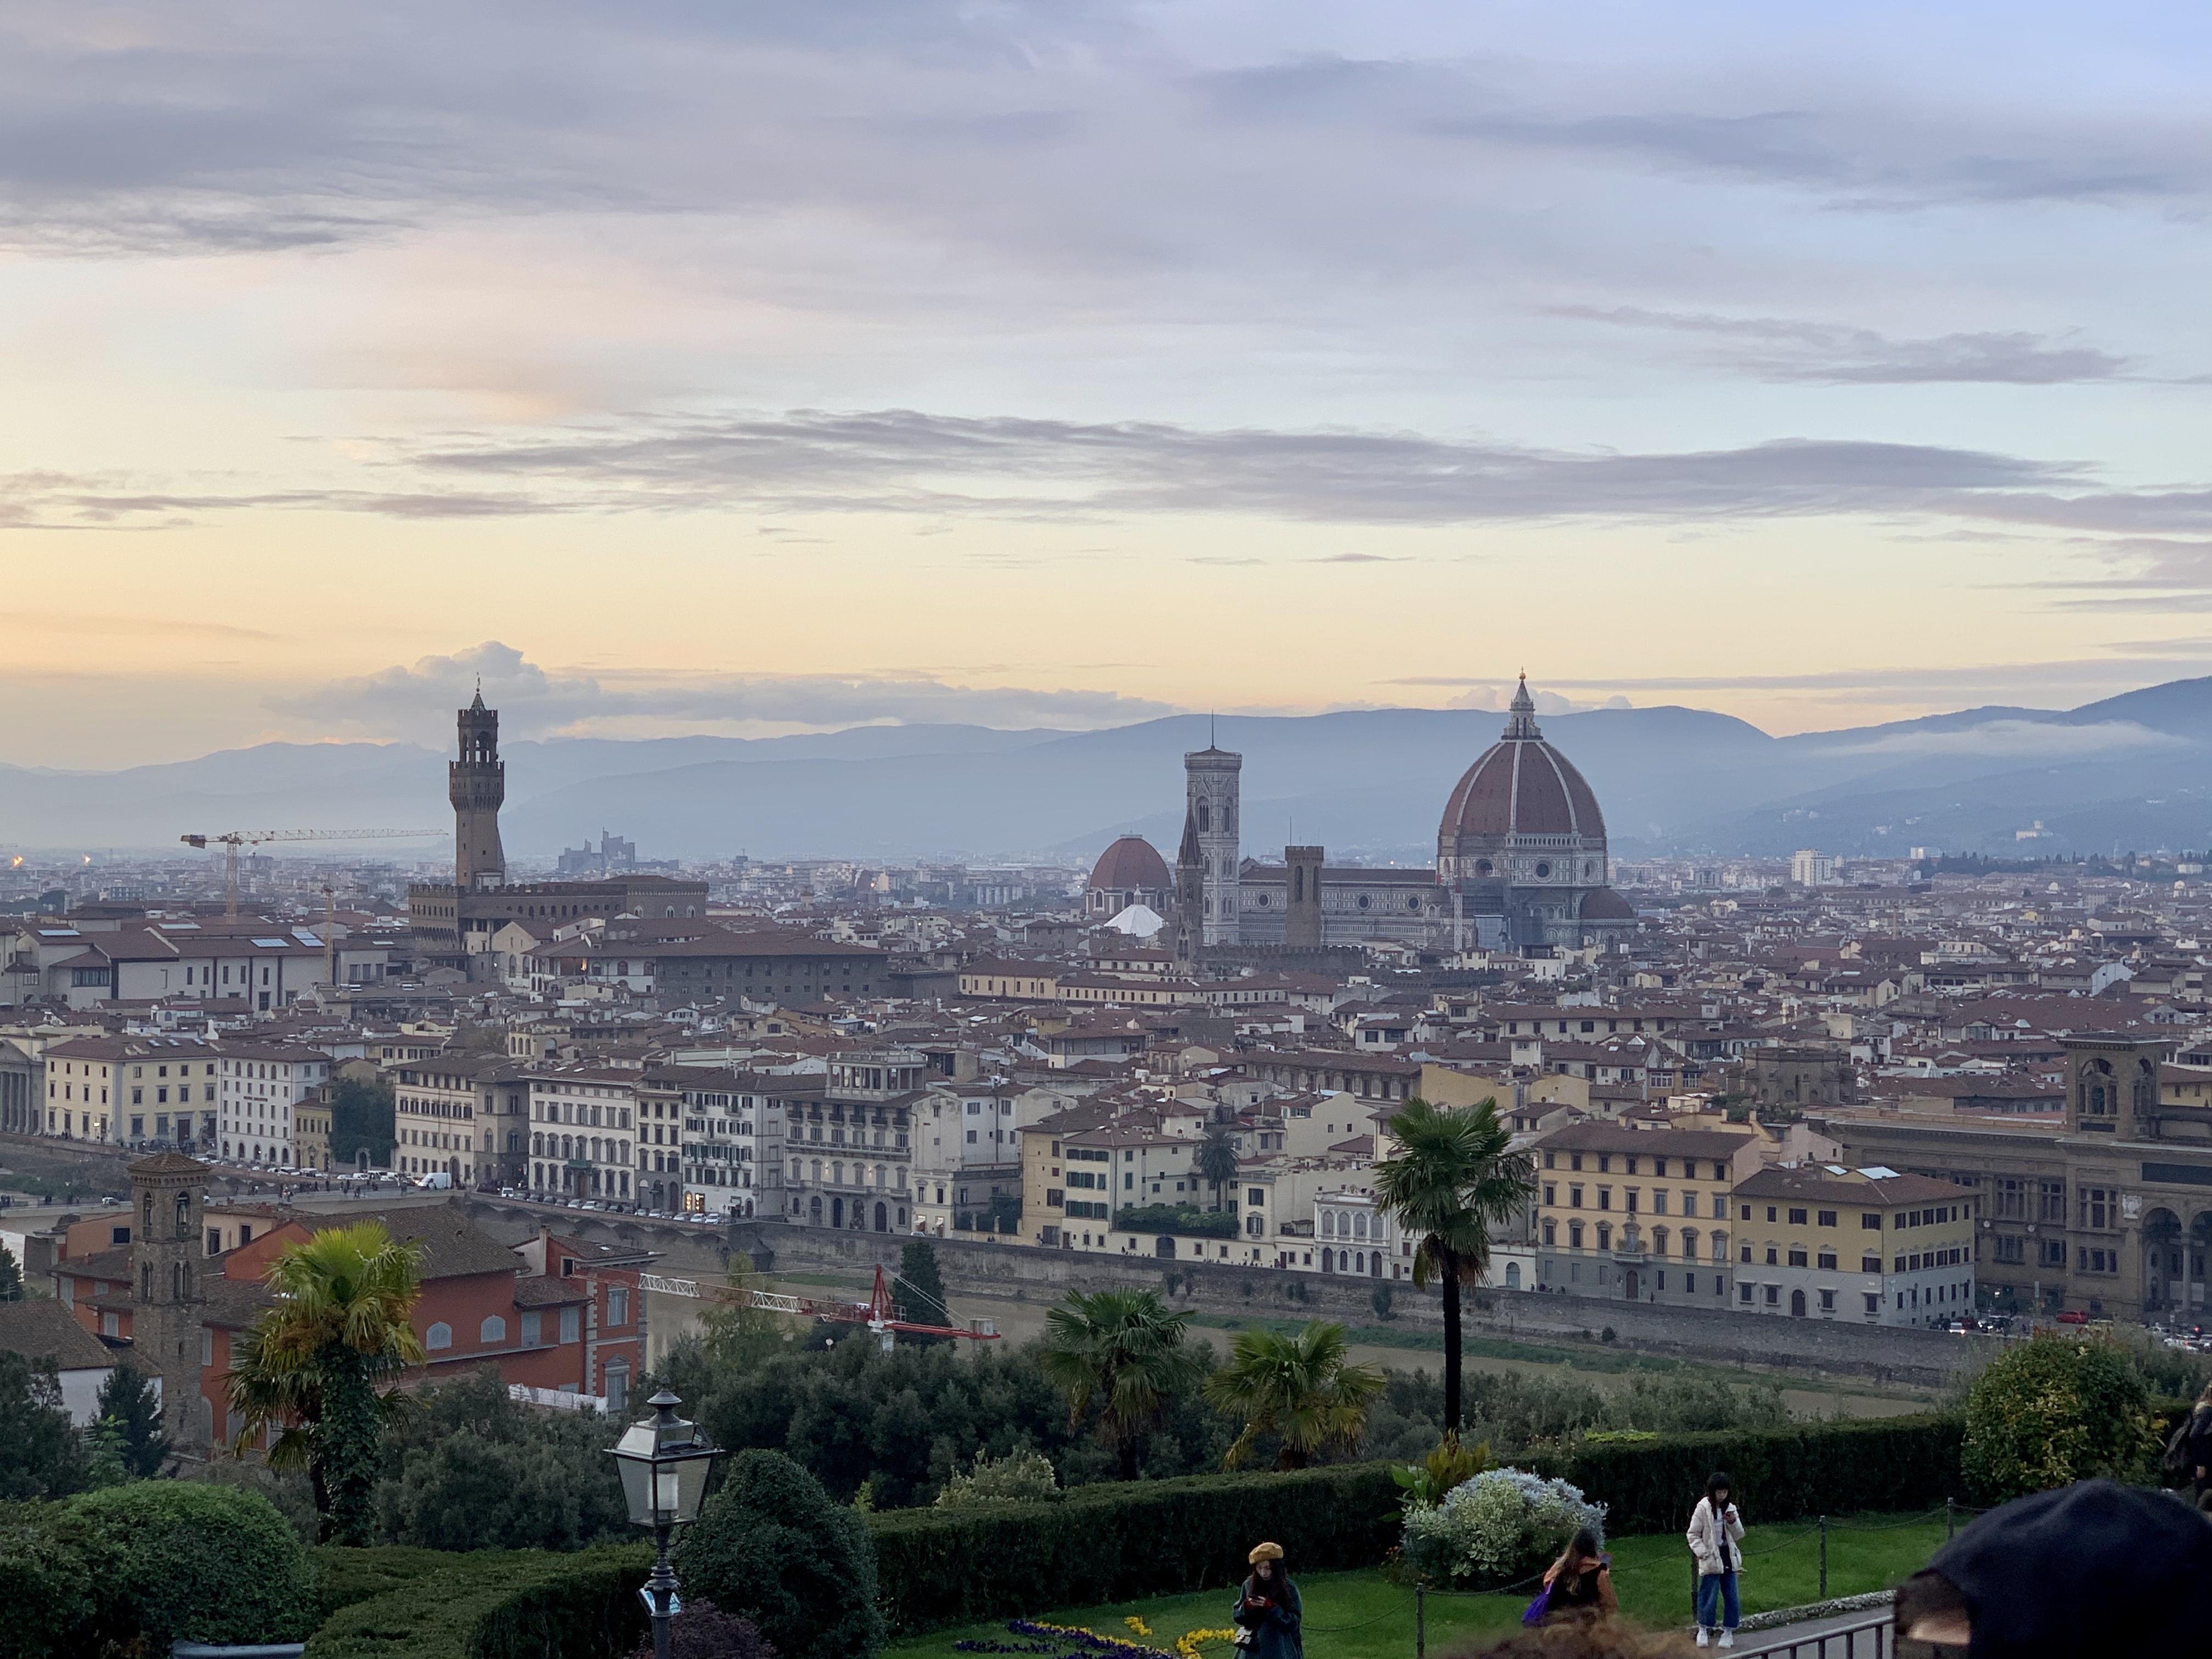 img 3977 - Florence